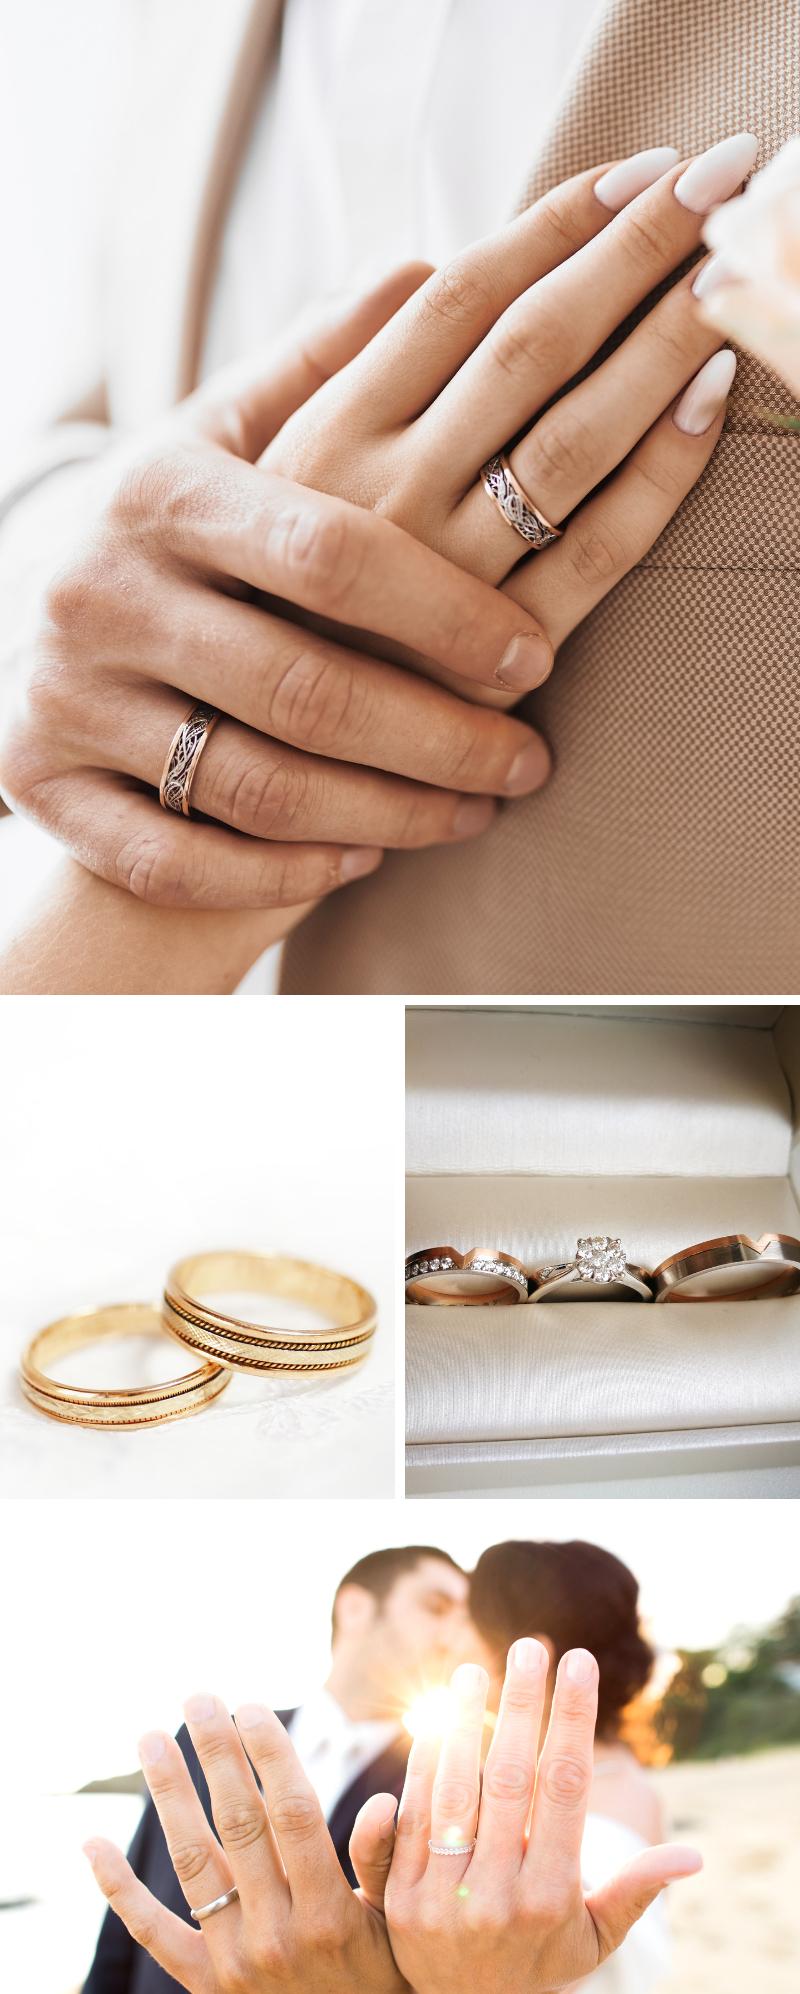 Eheringe Kaufen: Formen Und Wichtige Faqs - Hochzeitskiste